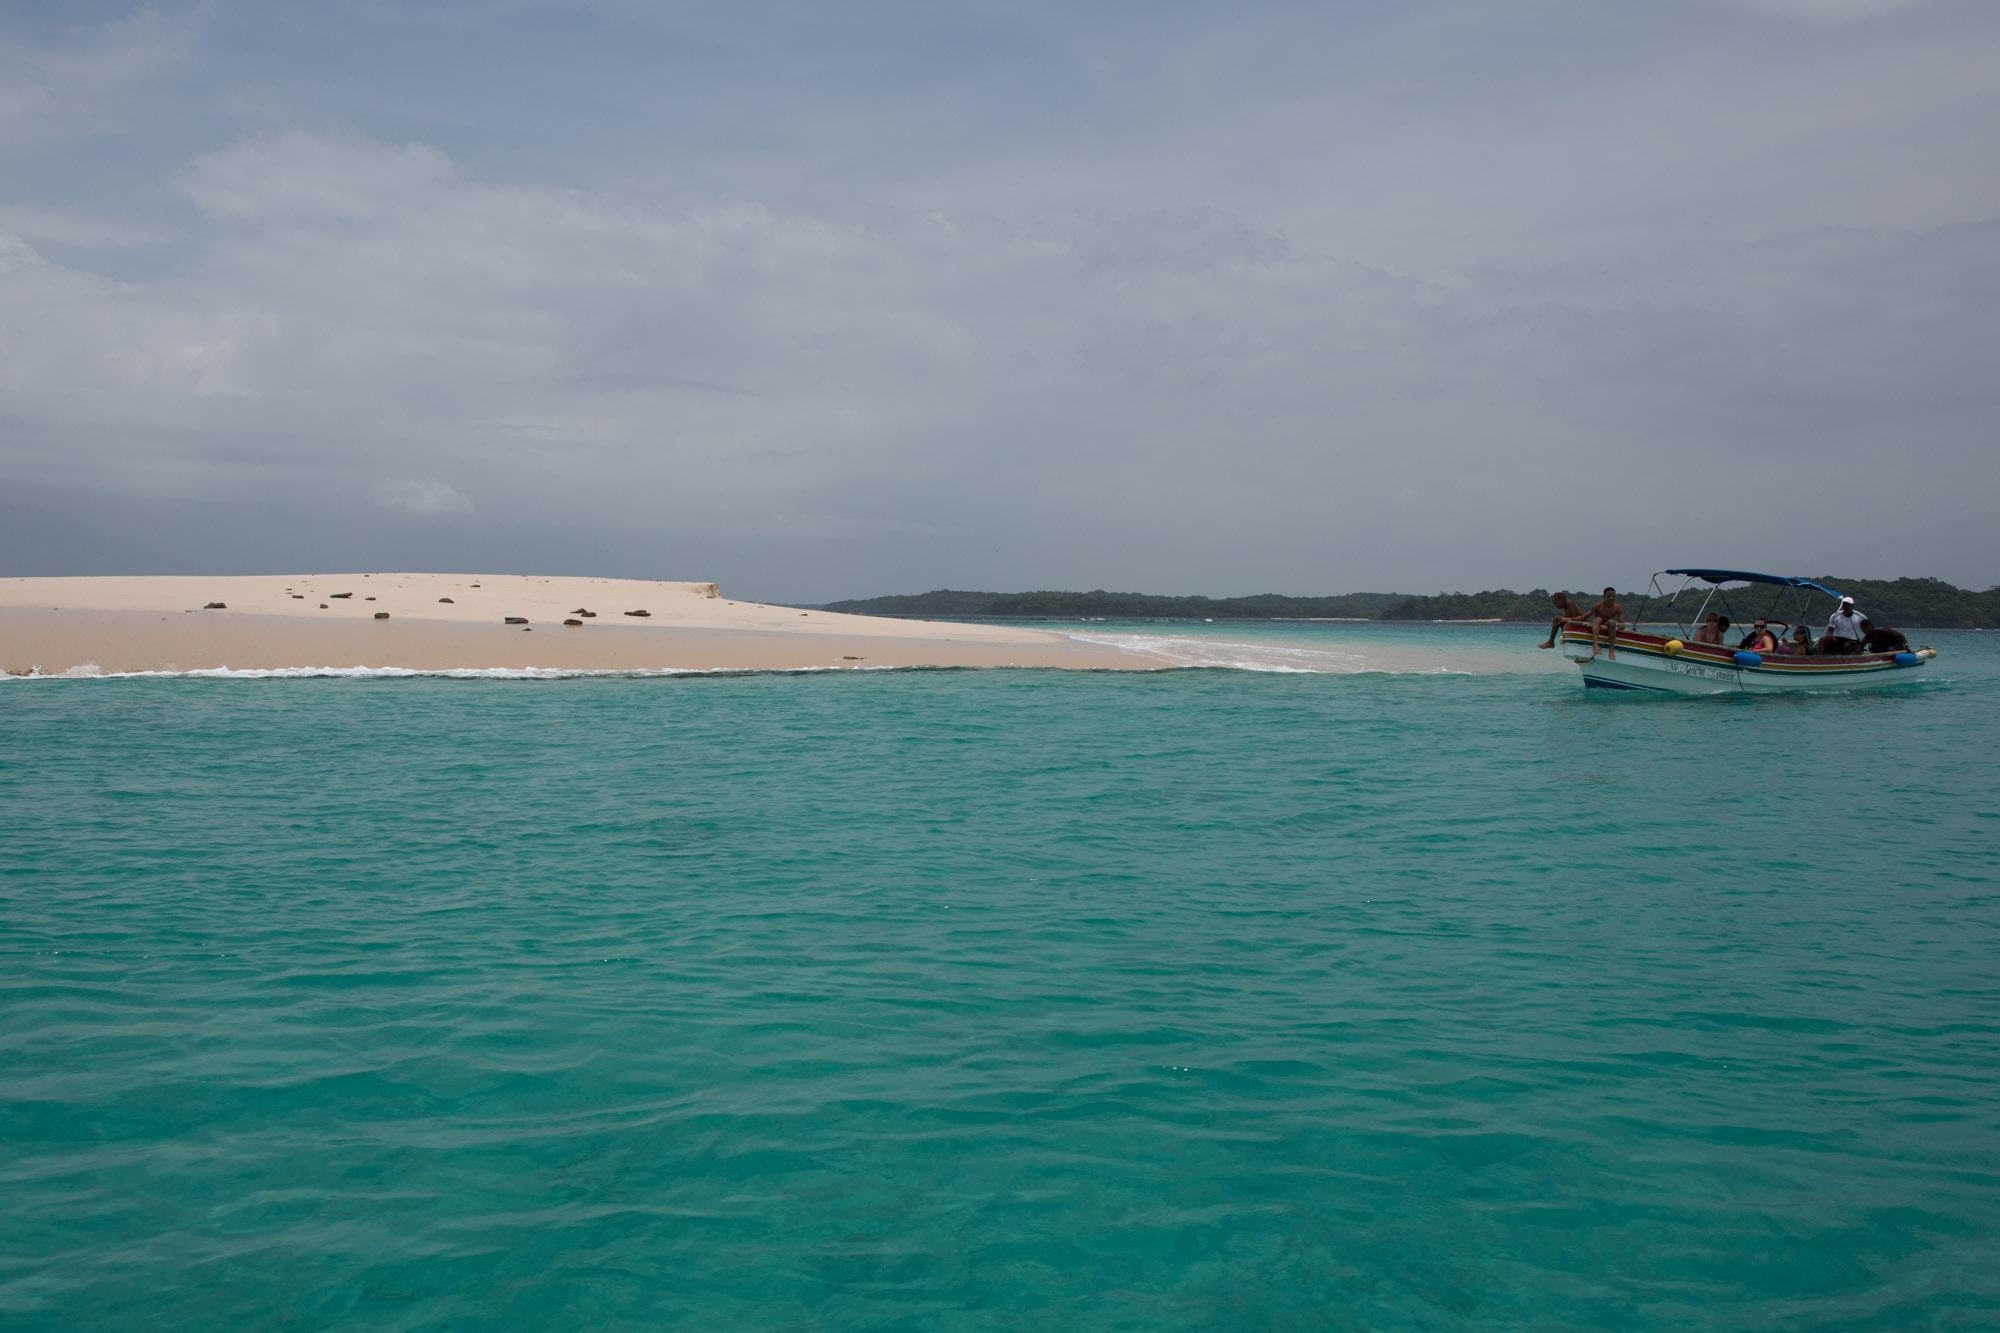 Islote en el archipiélago de Las Perlas, Panamá